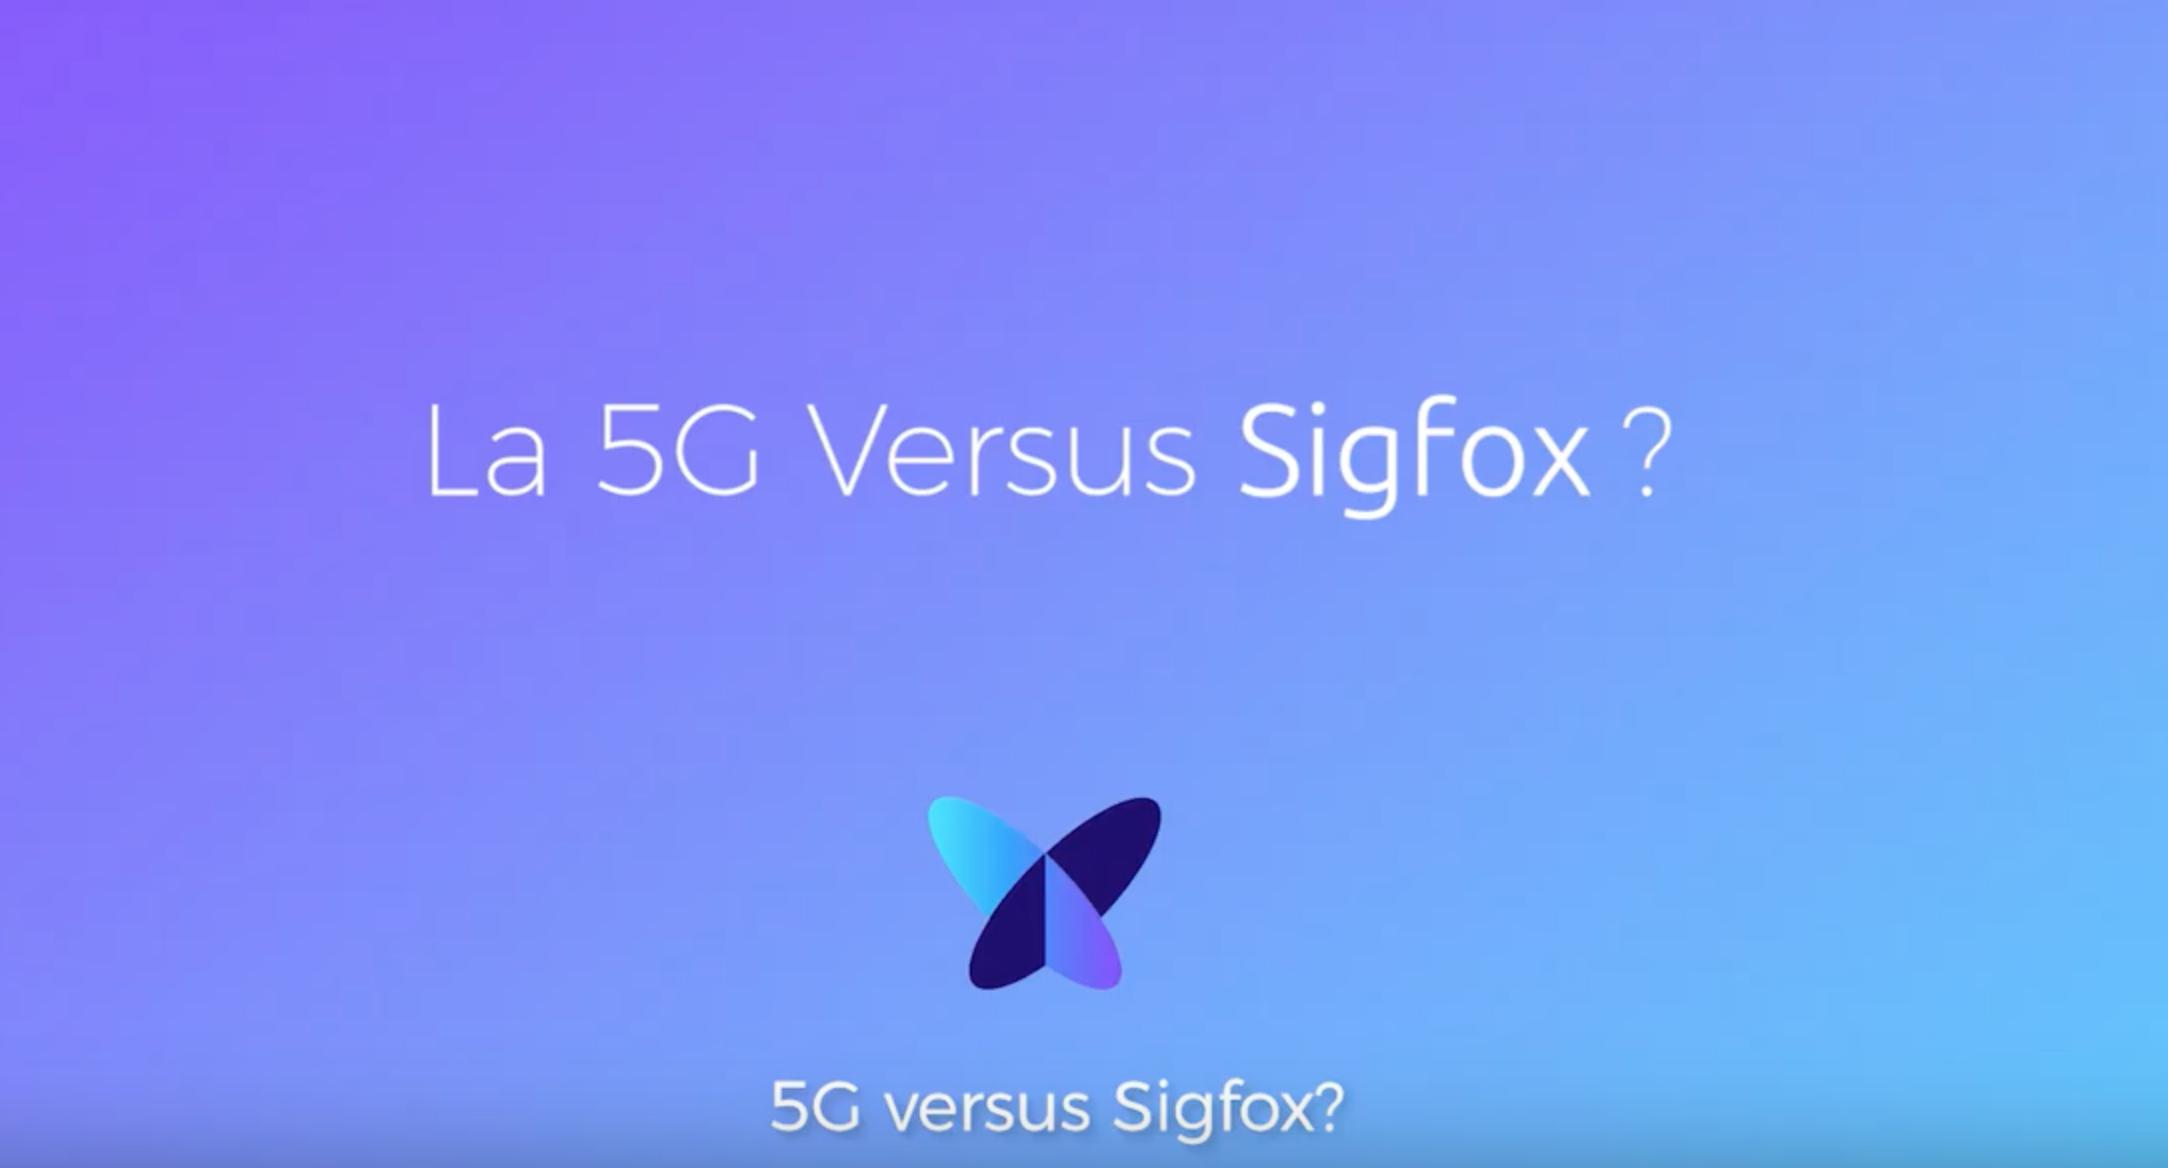 Christophe Fourtet, CSO y cofundador de Sigfox, explica en esta entrevista la diferencia principal entre Sigfox y 5G